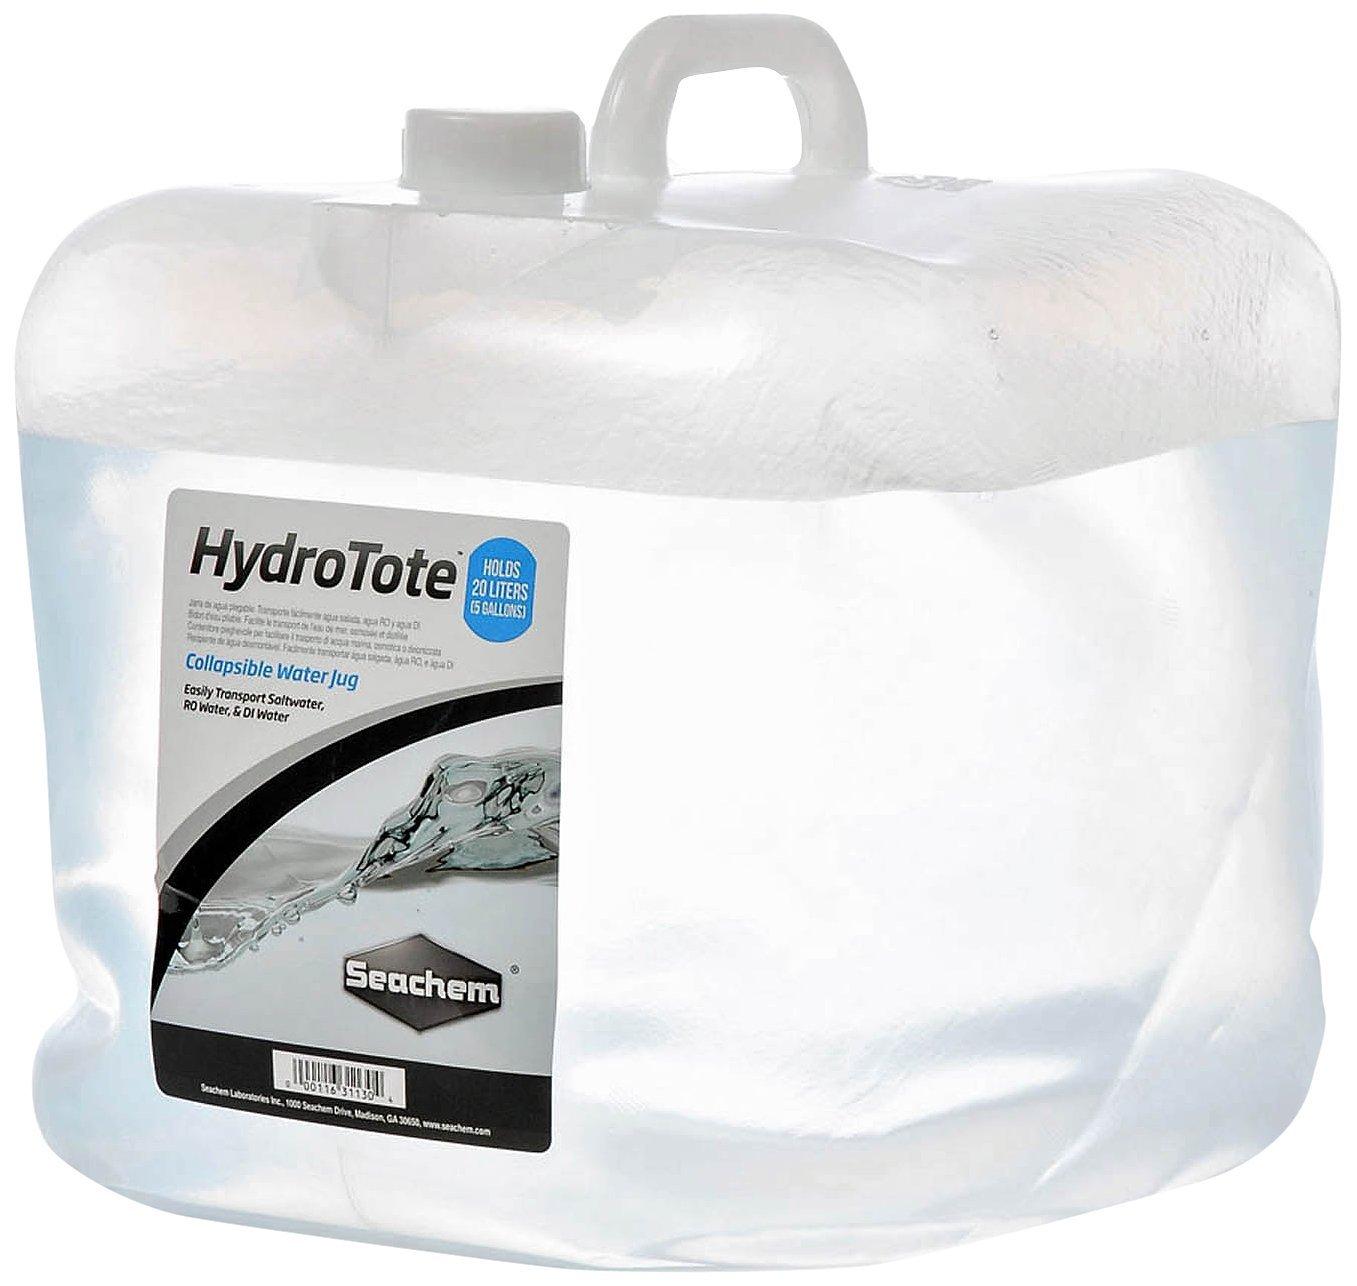 SEACHEM HydroTote jérrican pliable de 20L idéal pour le transport d\'eau douce, eau osmosée ou eau salée